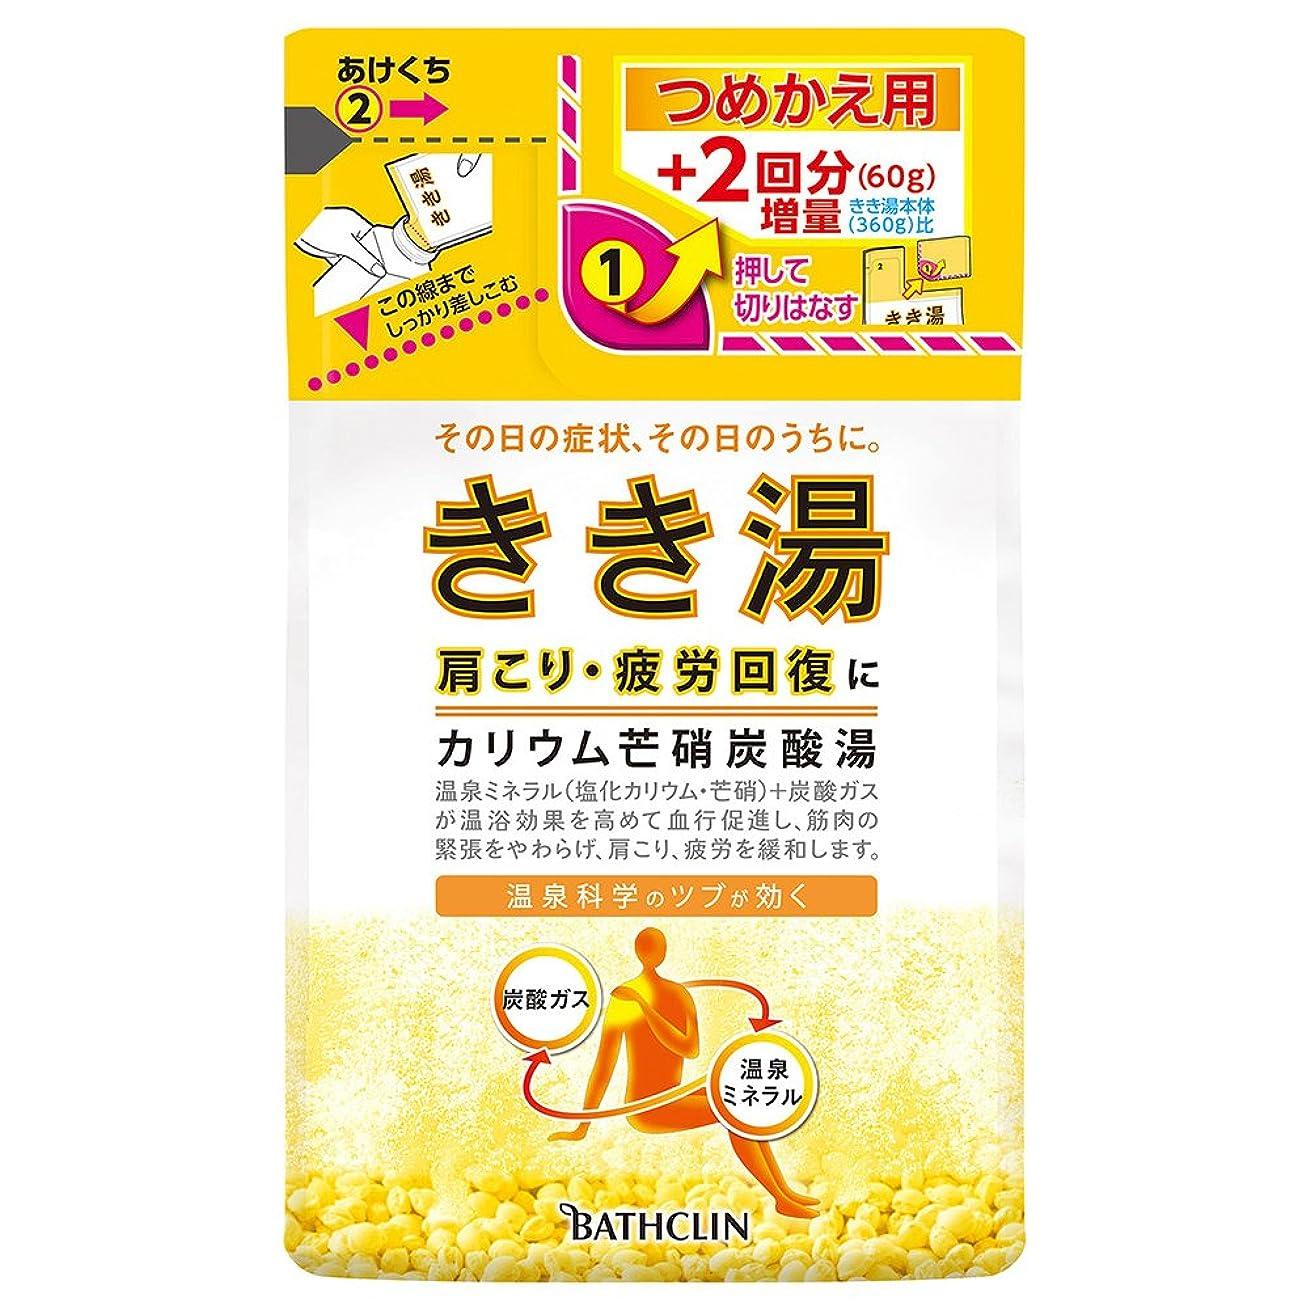 野菜墓としてきき湯 カリウム芒硝炭酸湯 つめかえ用 420g 入浴剤 (医薬部外品)